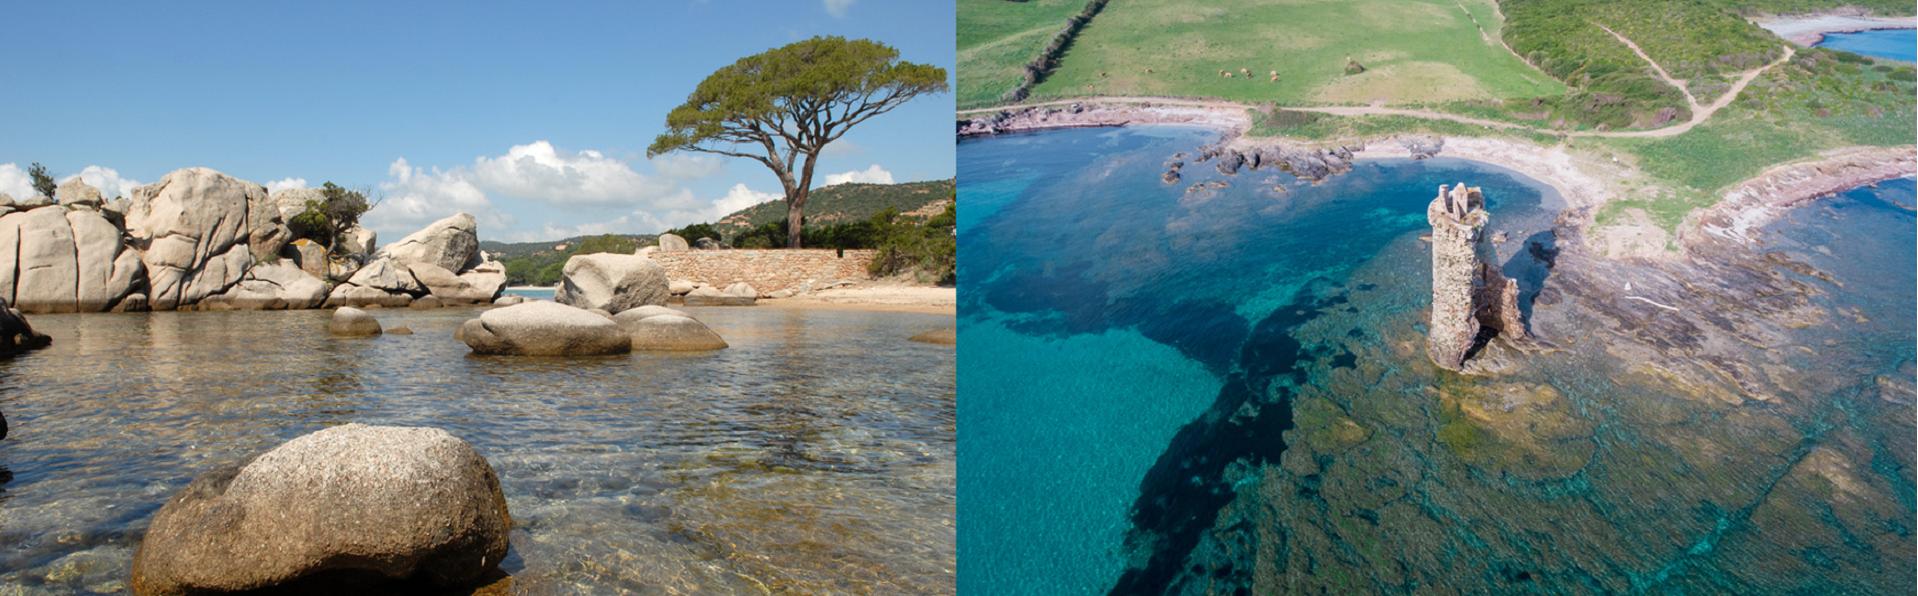 Plage de Palombaggia et Cap Corse